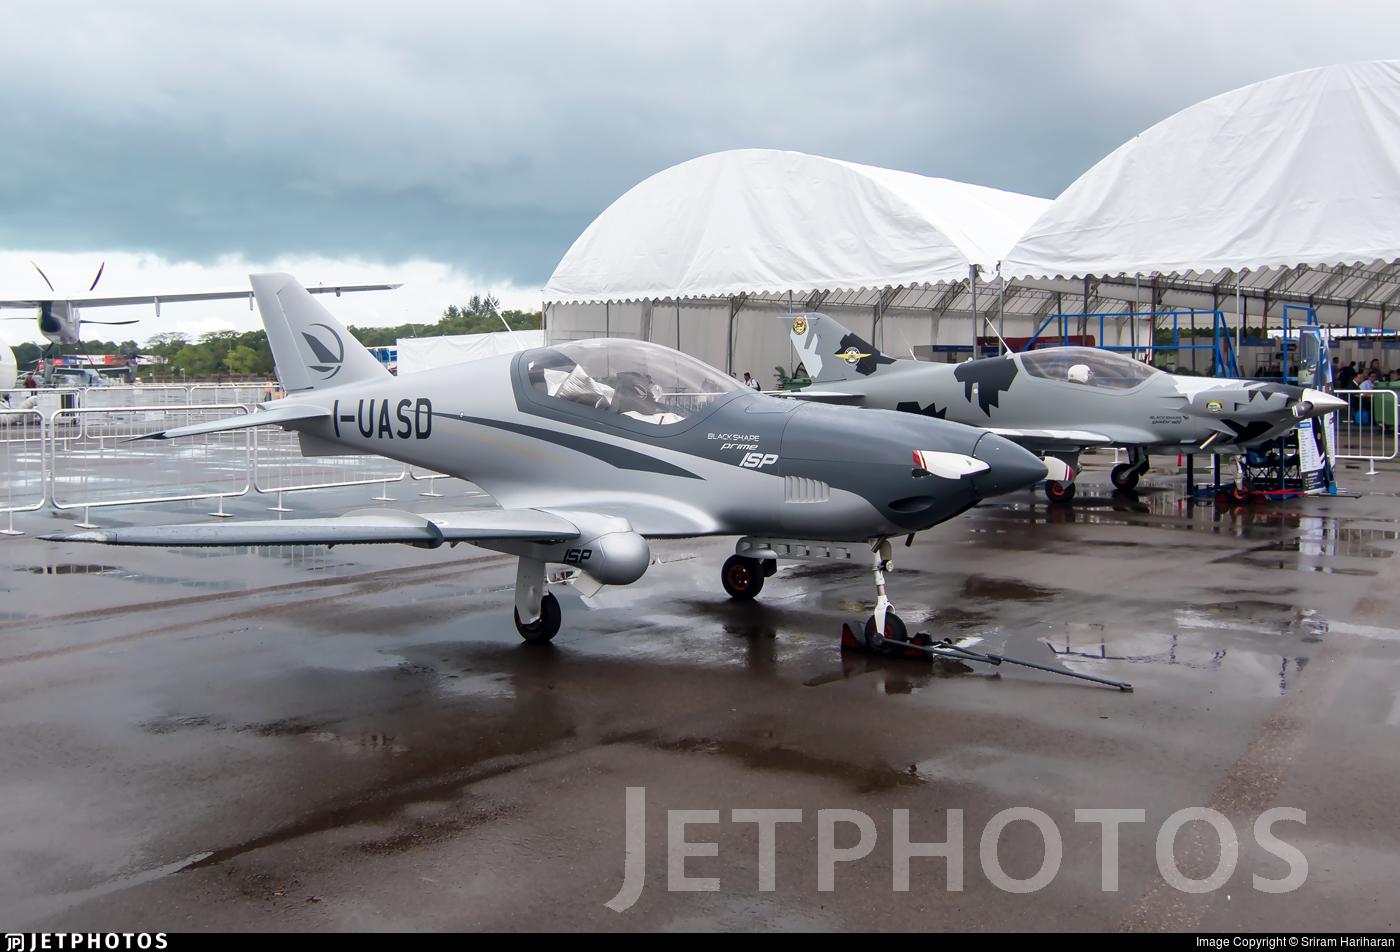 I-UASD - Blackshape Prime BS100 - Blackshape Aircraft